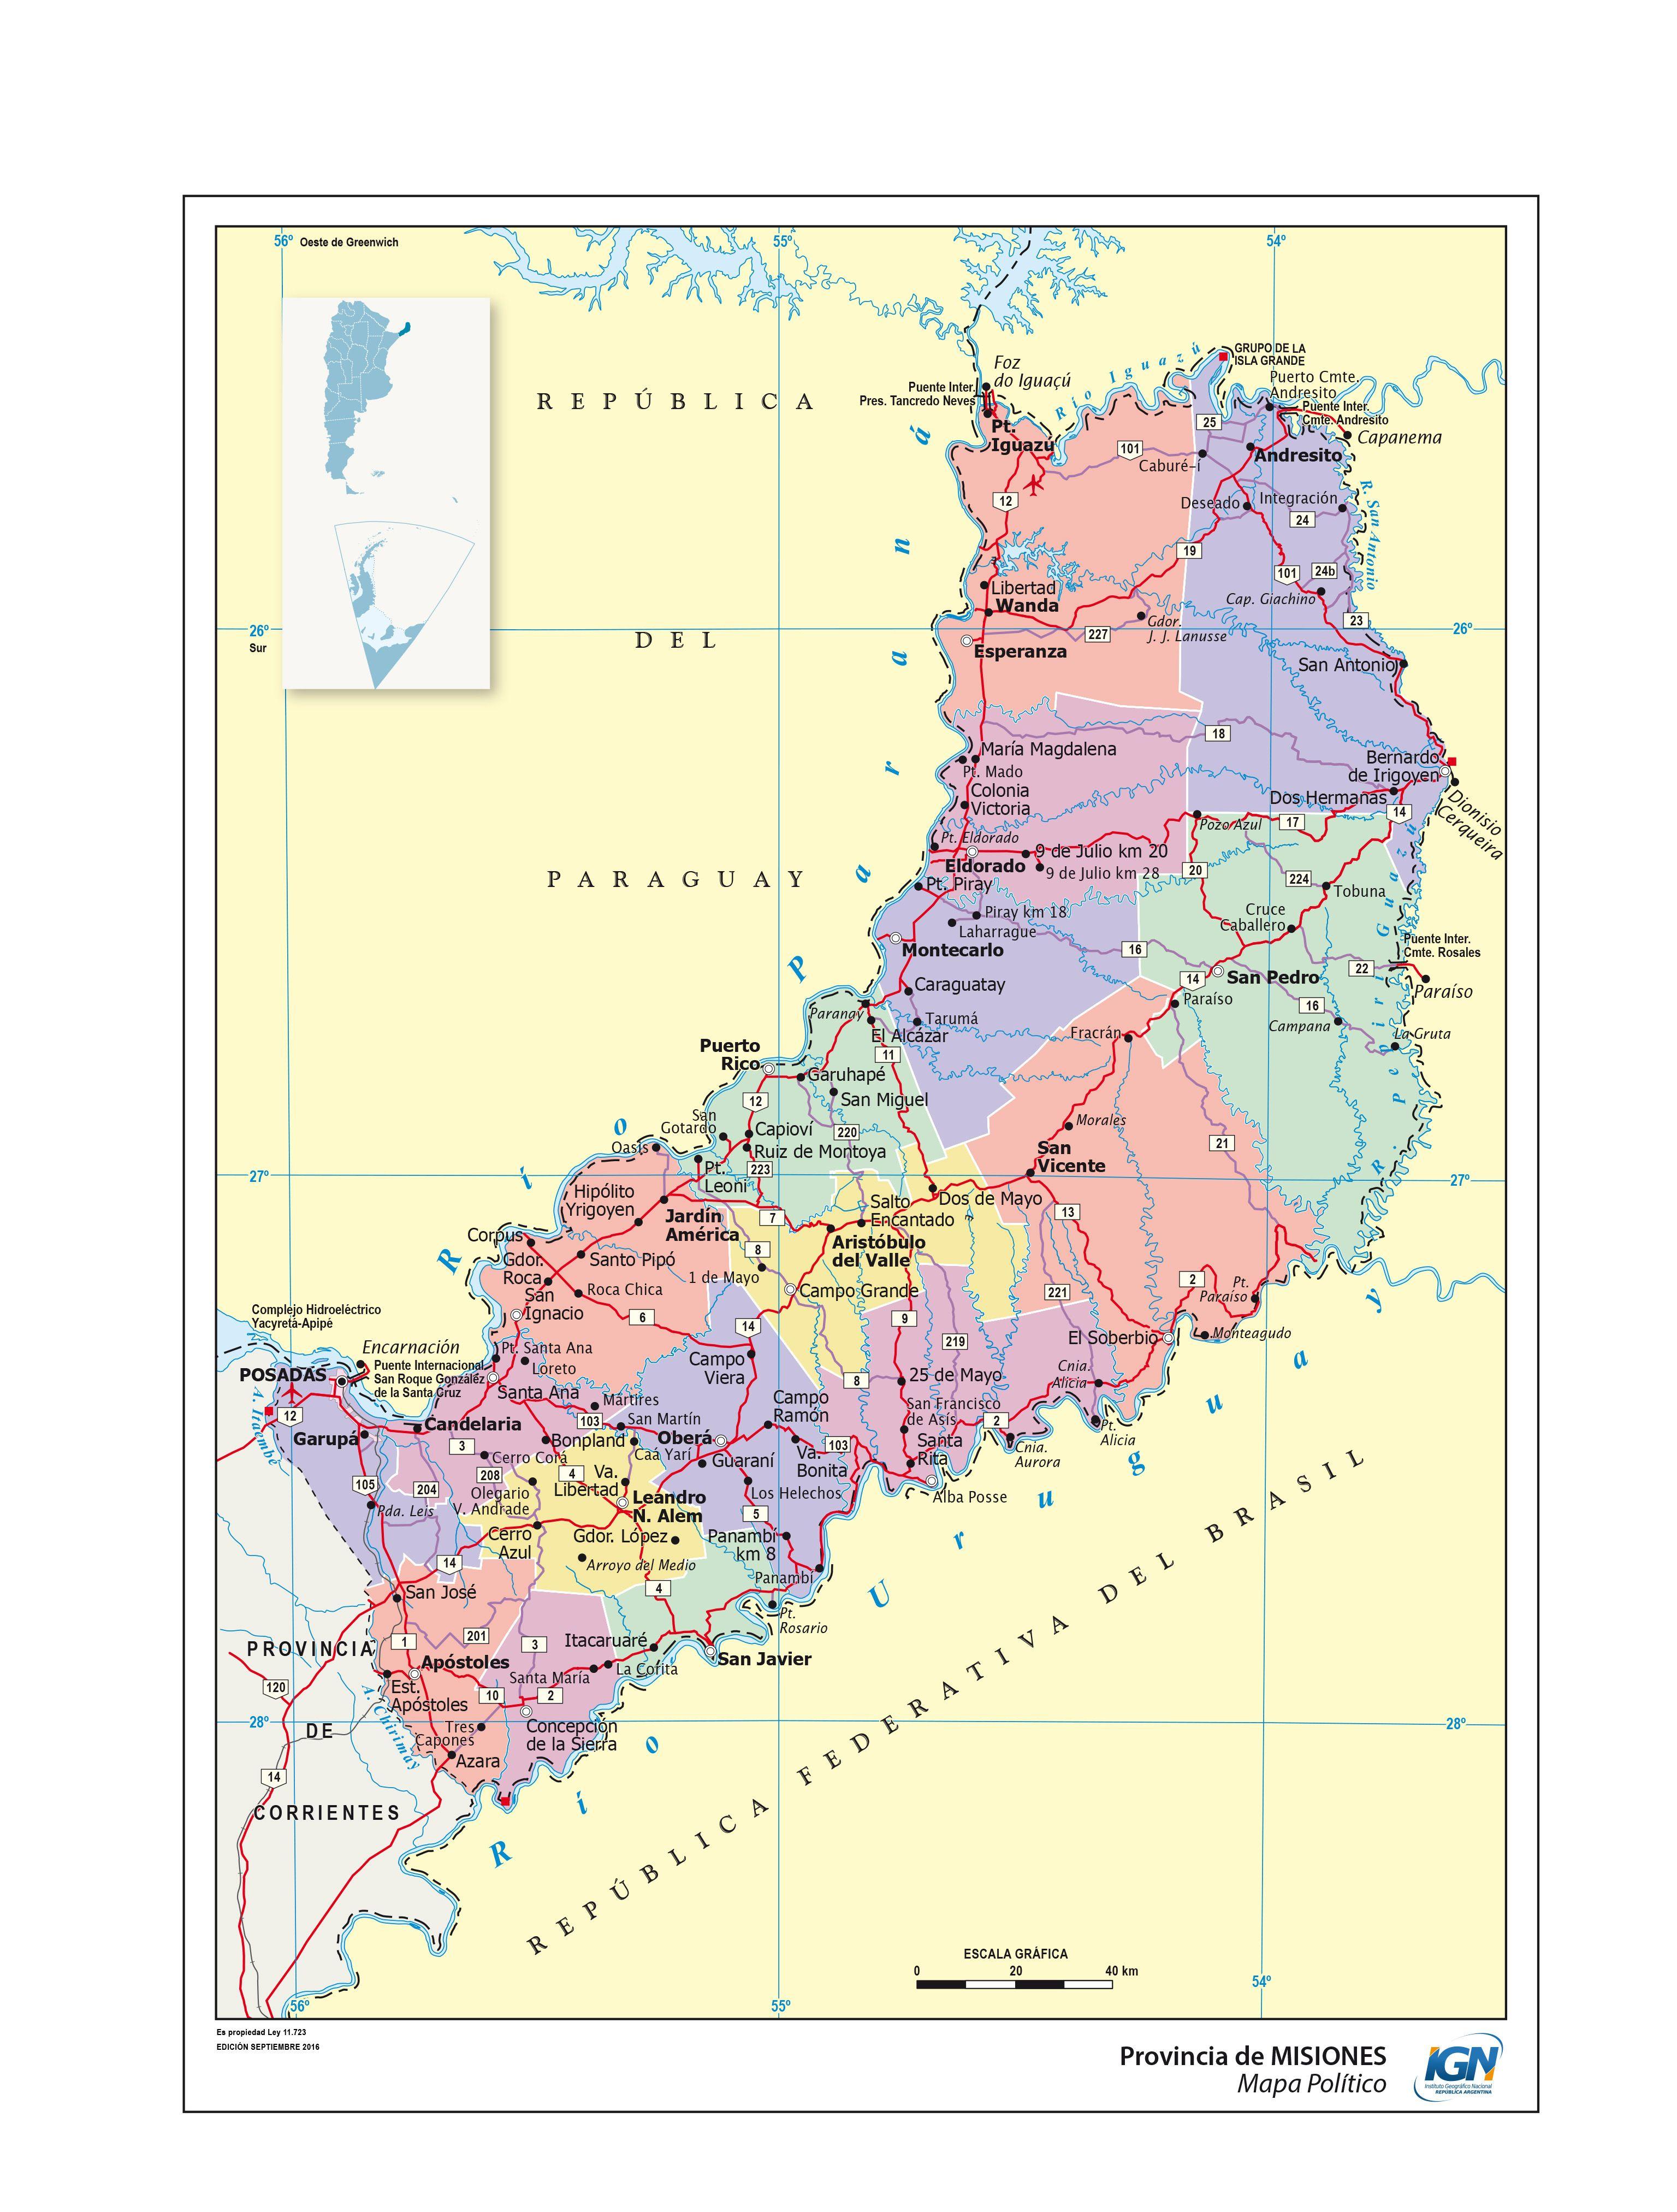 Mapa político de Misiones - Instituto Geográfico Nacional de la ...